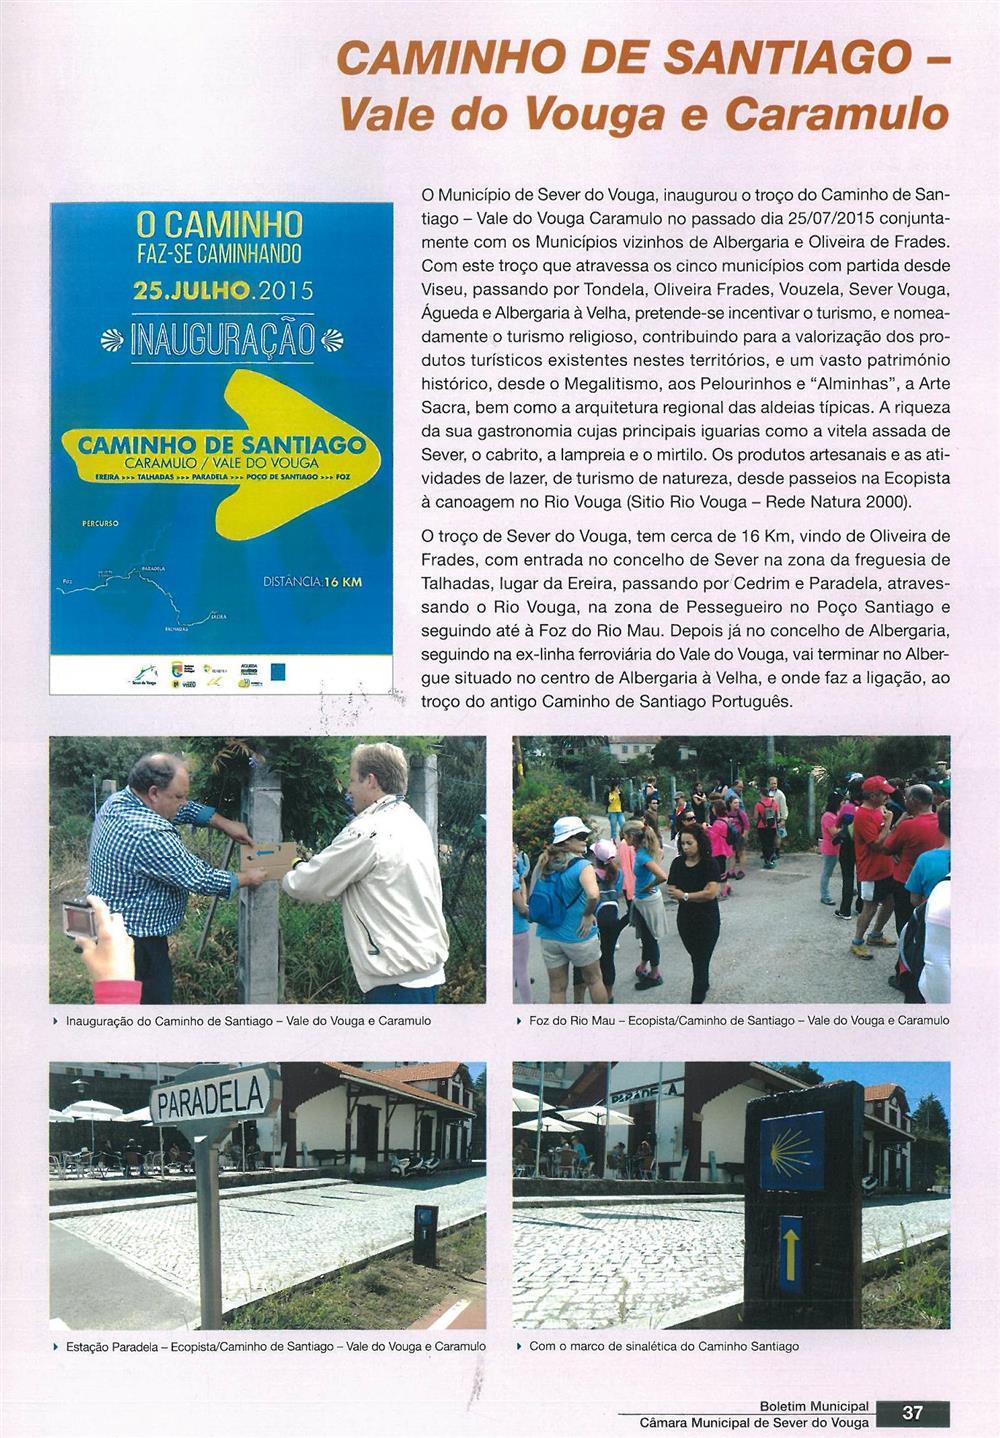 BoletimMunicipal-n.º32-nov.'15-p.37-Caminho de Santiago : Vale do Vouga e Caramulo.jpg